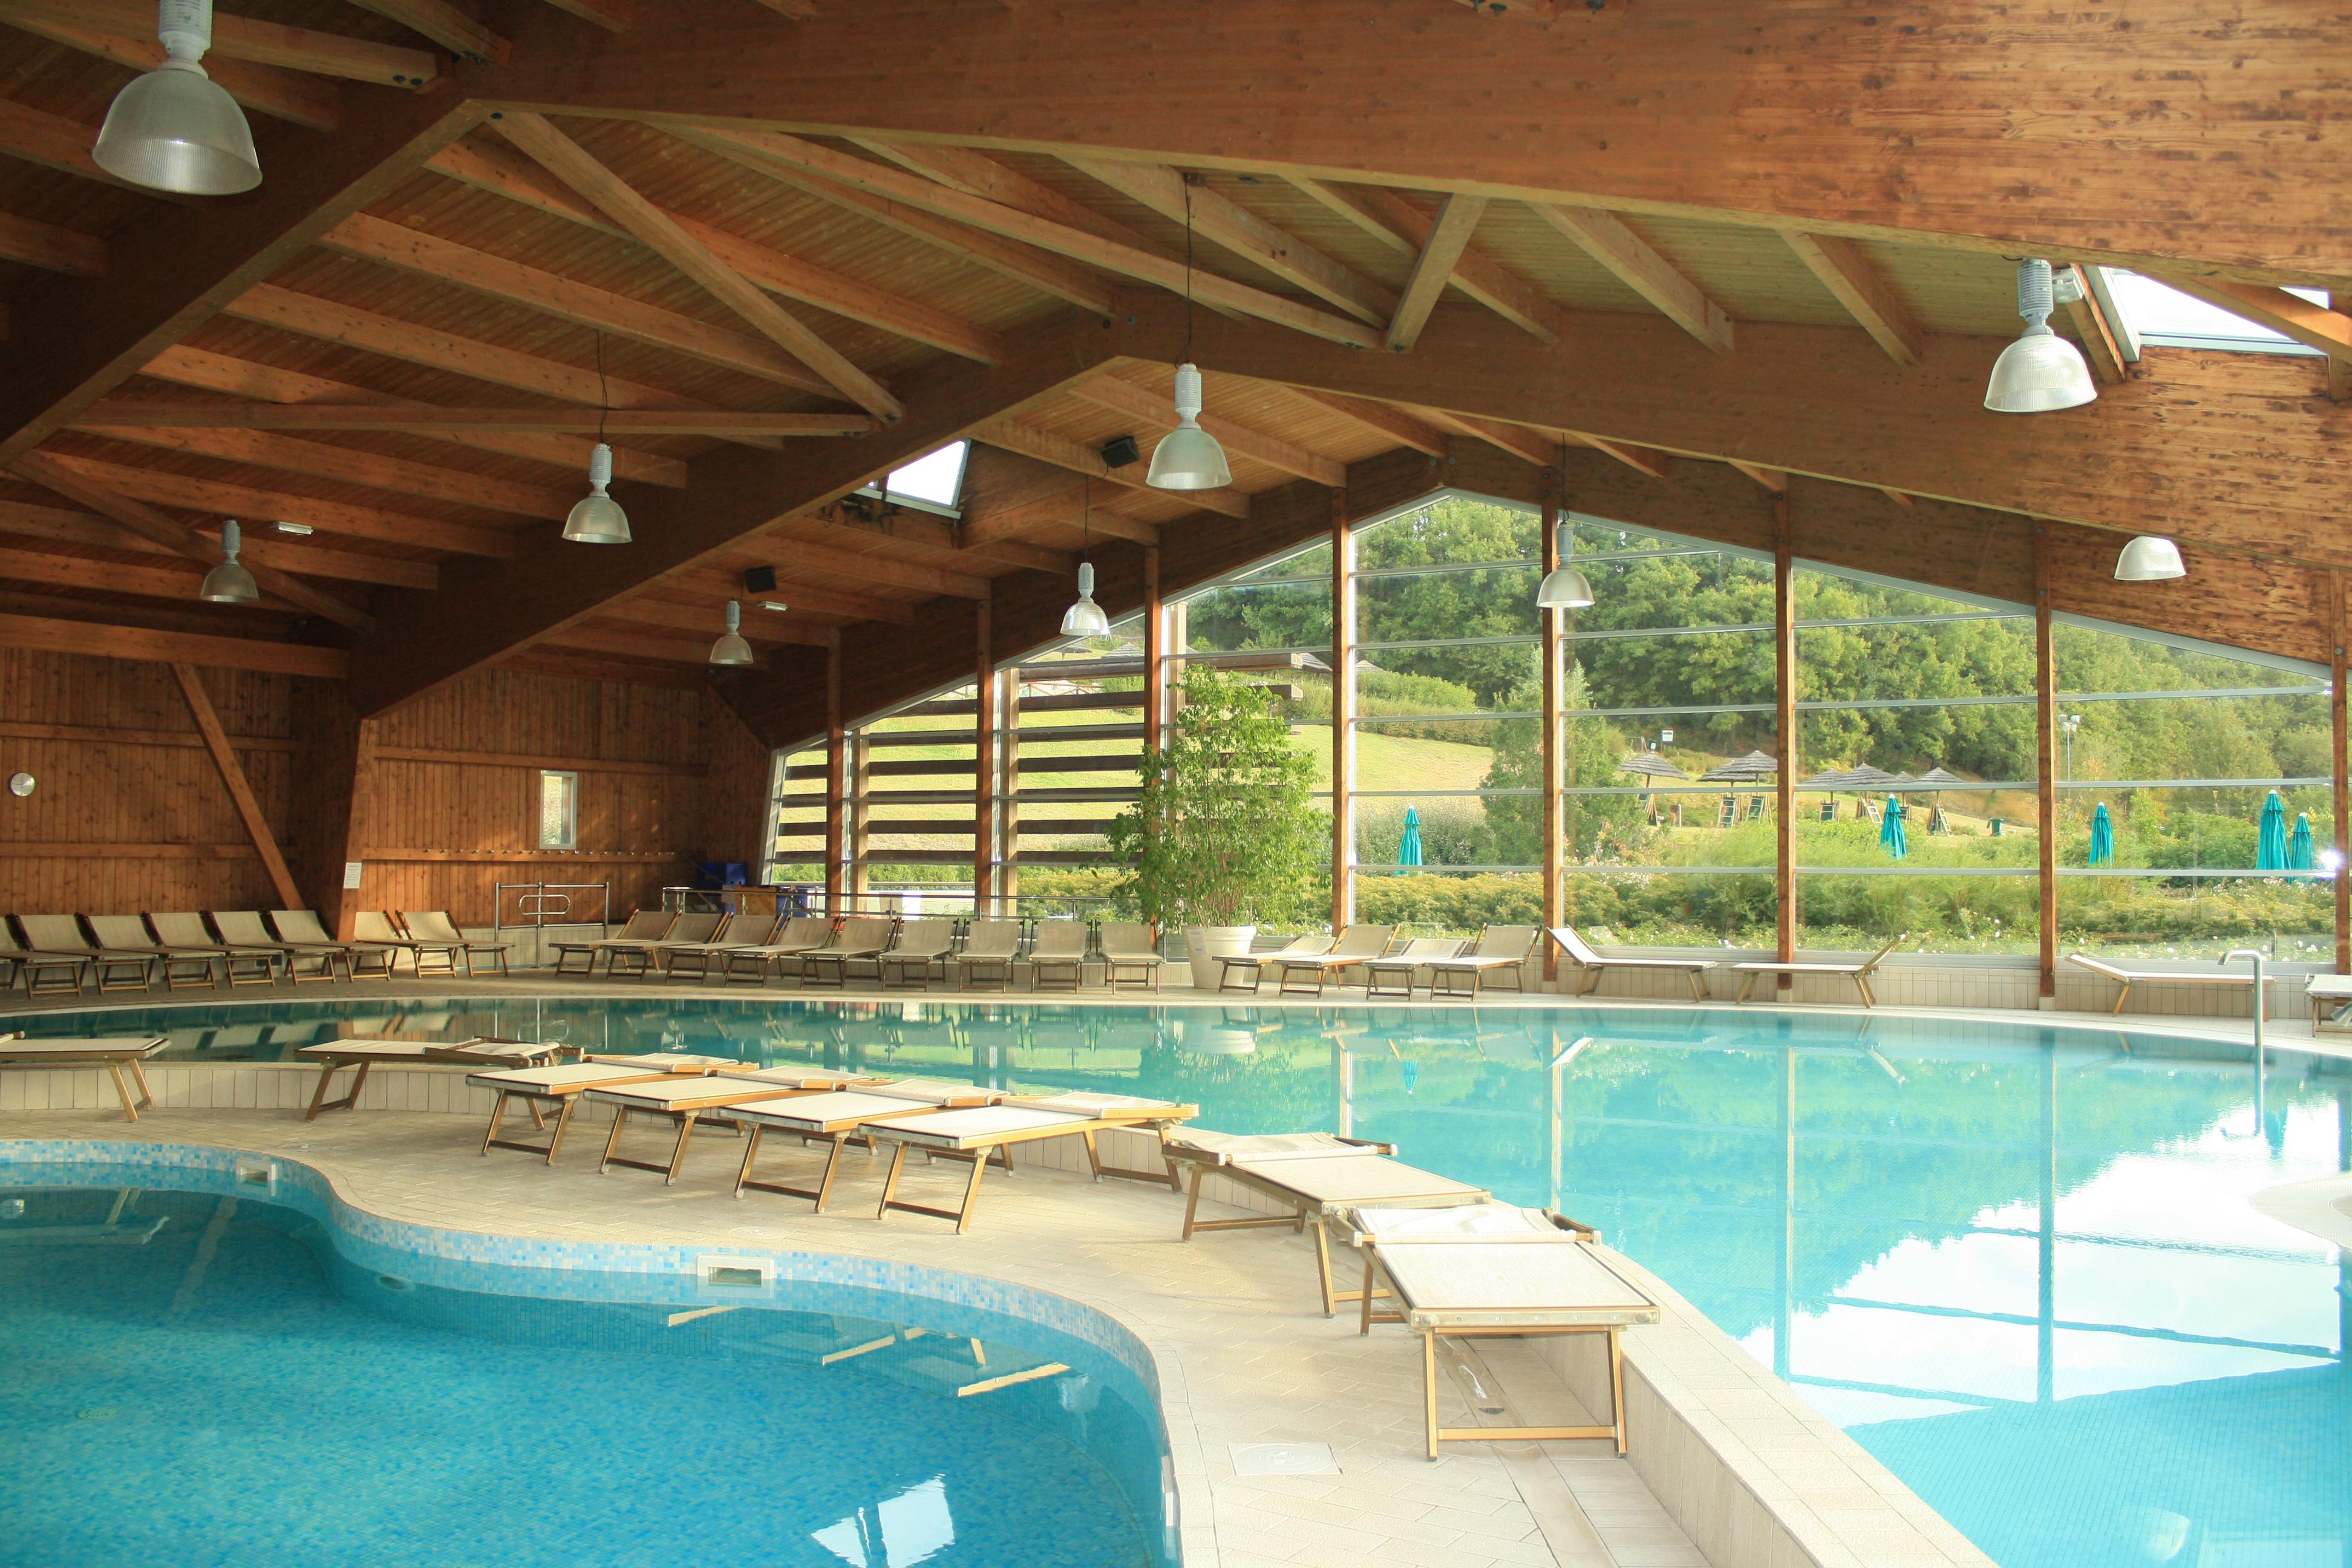 Un Weekend Di Relax E Benessere Al Villaggio Della Salute Piu Trippando Blog Di Viaggi Di Silvia Ceriegi